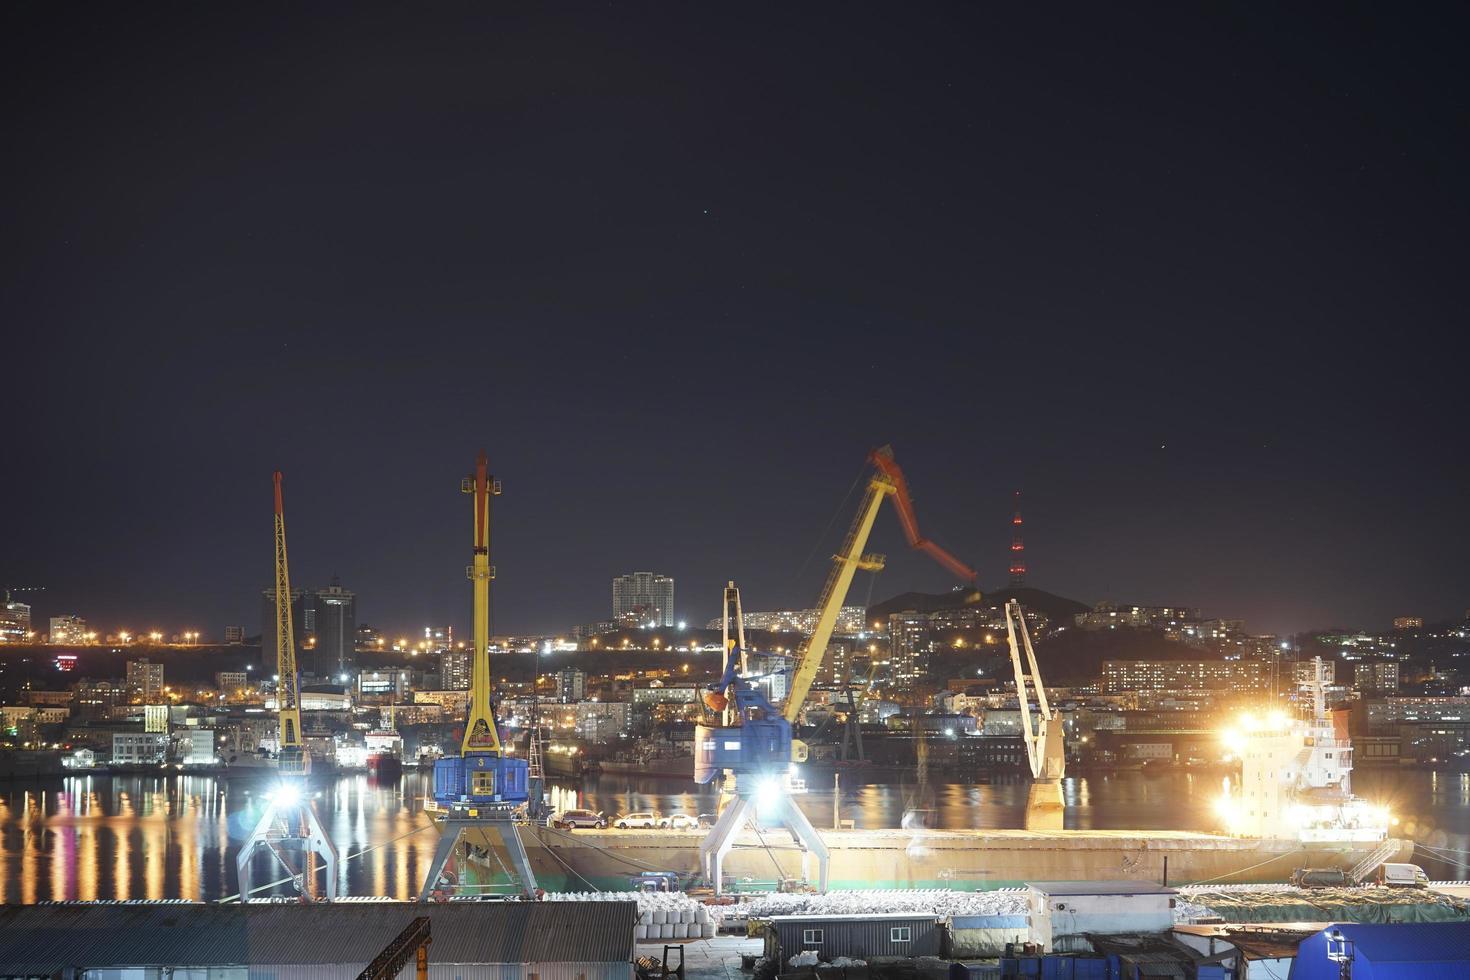 El paisaje nocturno de la ciudad con vistas a un puerto y al horizonte de fondo en Vladivostok, Rusia foto